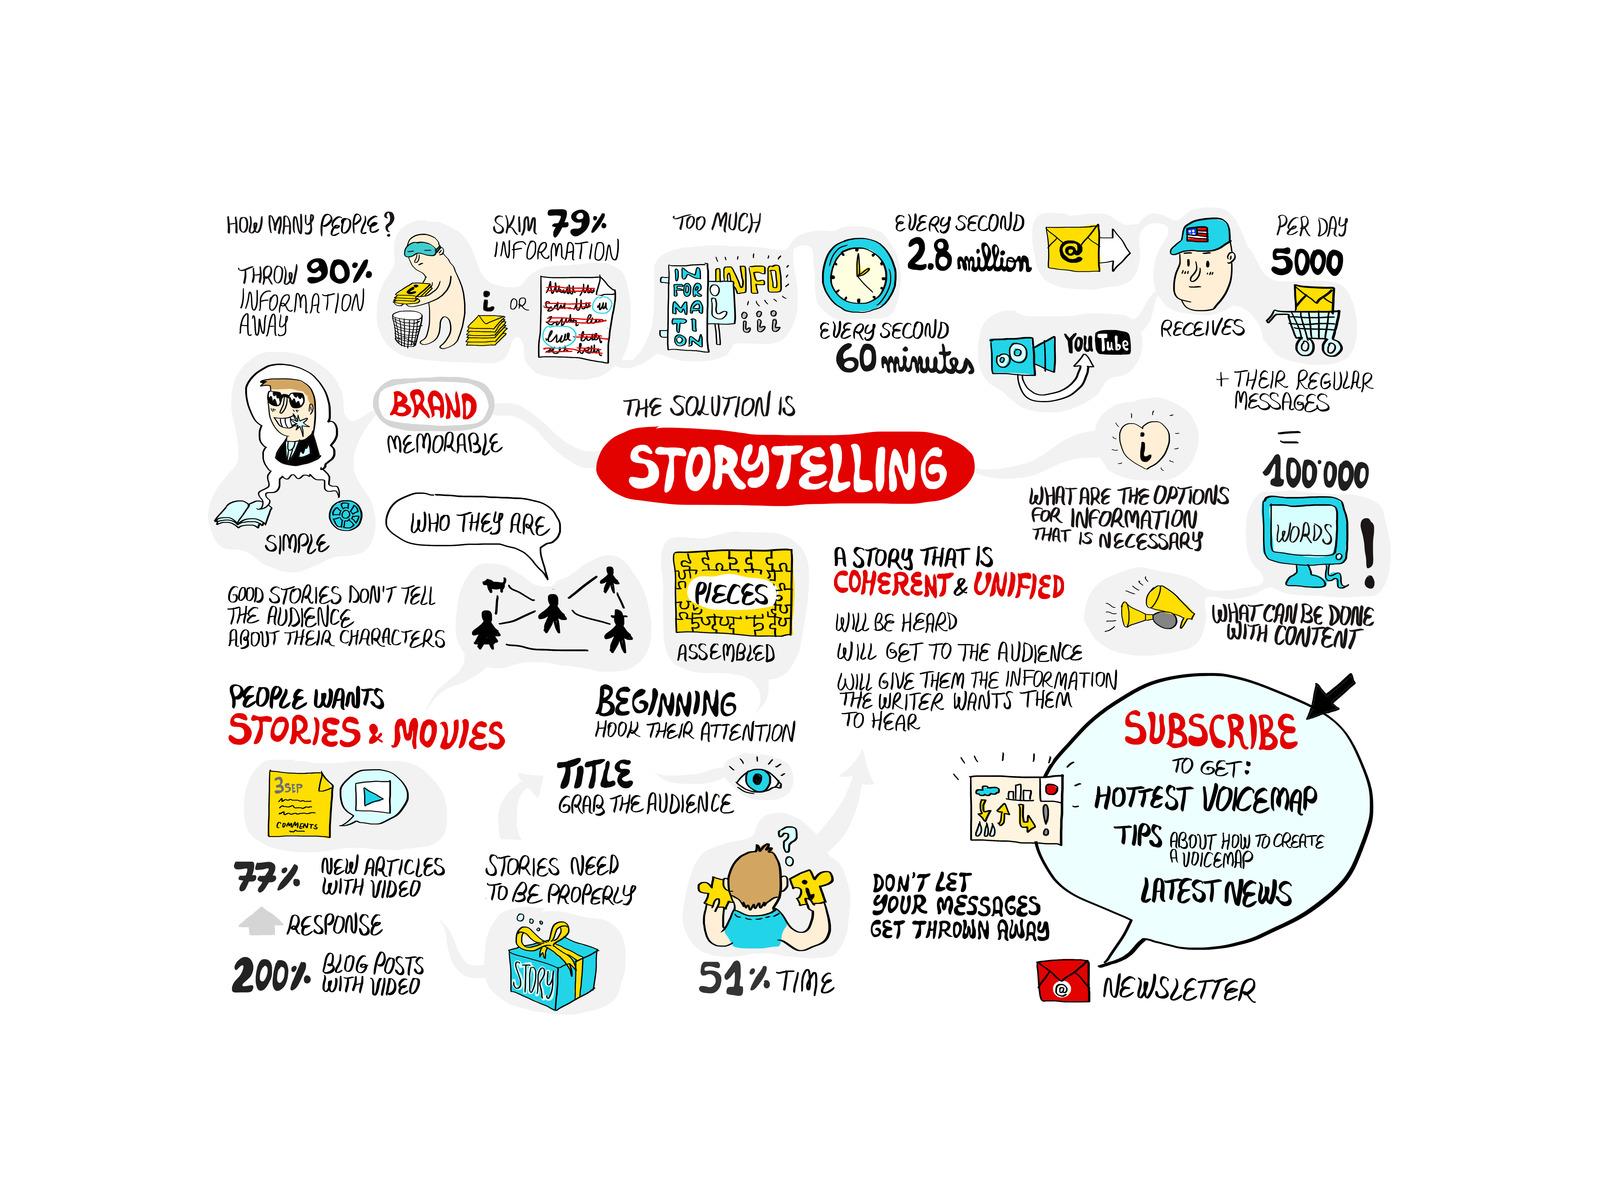 nghệ thuật kể chuyện trong marketing